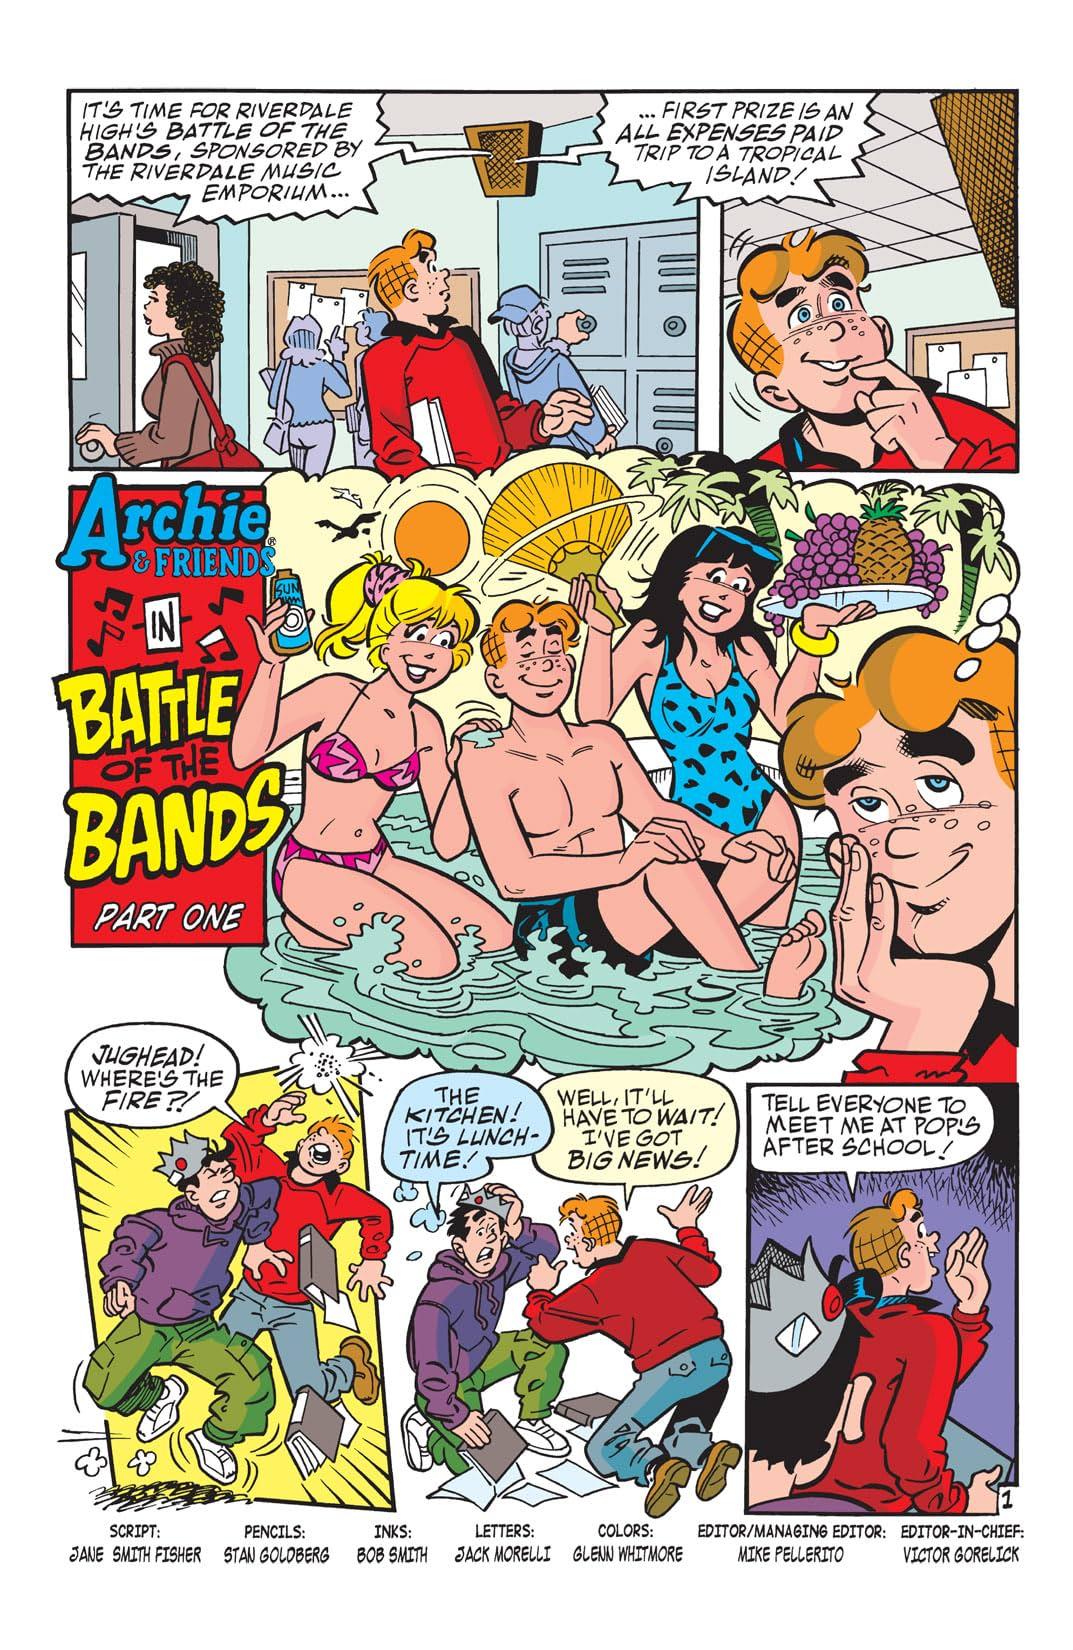 Archie & Friends #124